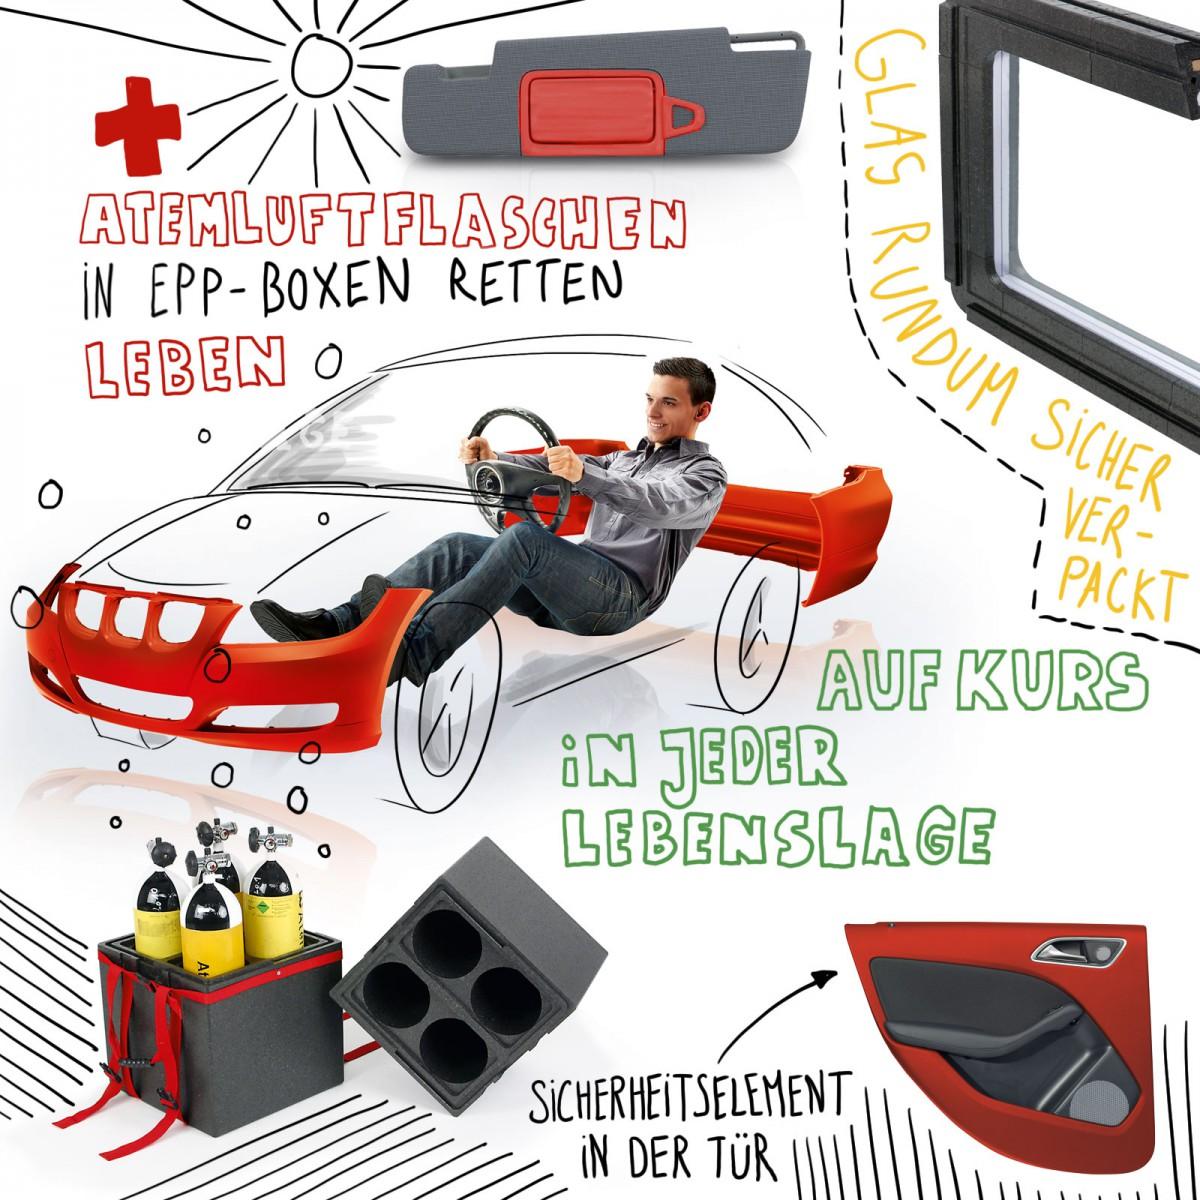 Illustration, in der Anwendungen für EPP mit Bildausschnitten und Text beschrieben werden: Atemluftflaschen in EPP-Boxen retten Leben, Glas rundum sicher verpackt, Sicherheitselement in der Tür.